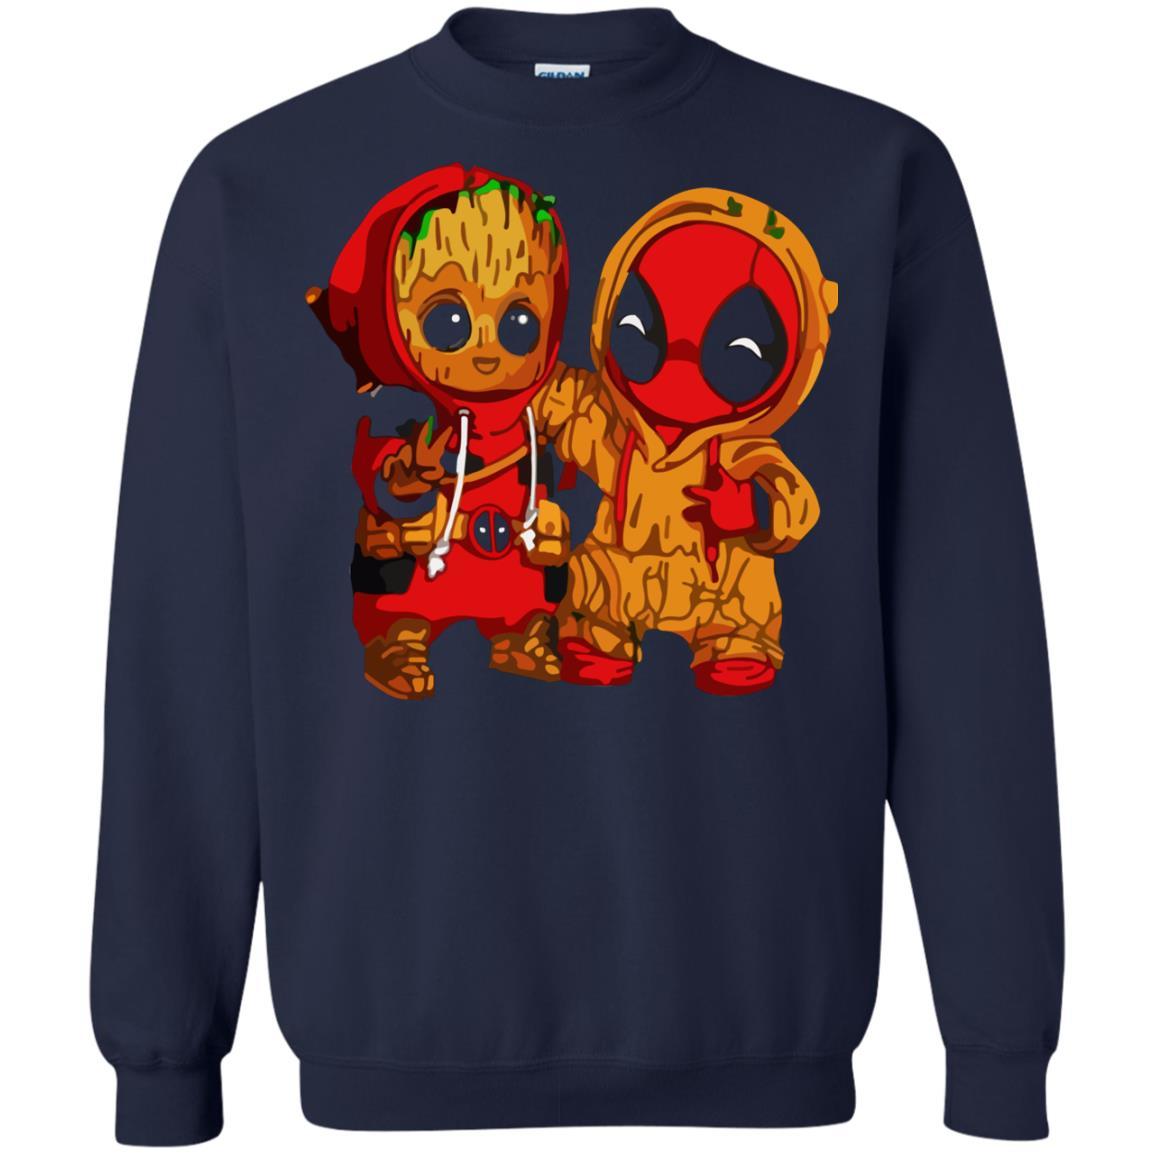 image 438 - Baby Groot And Deadpool Sweatshirt, Hoodie